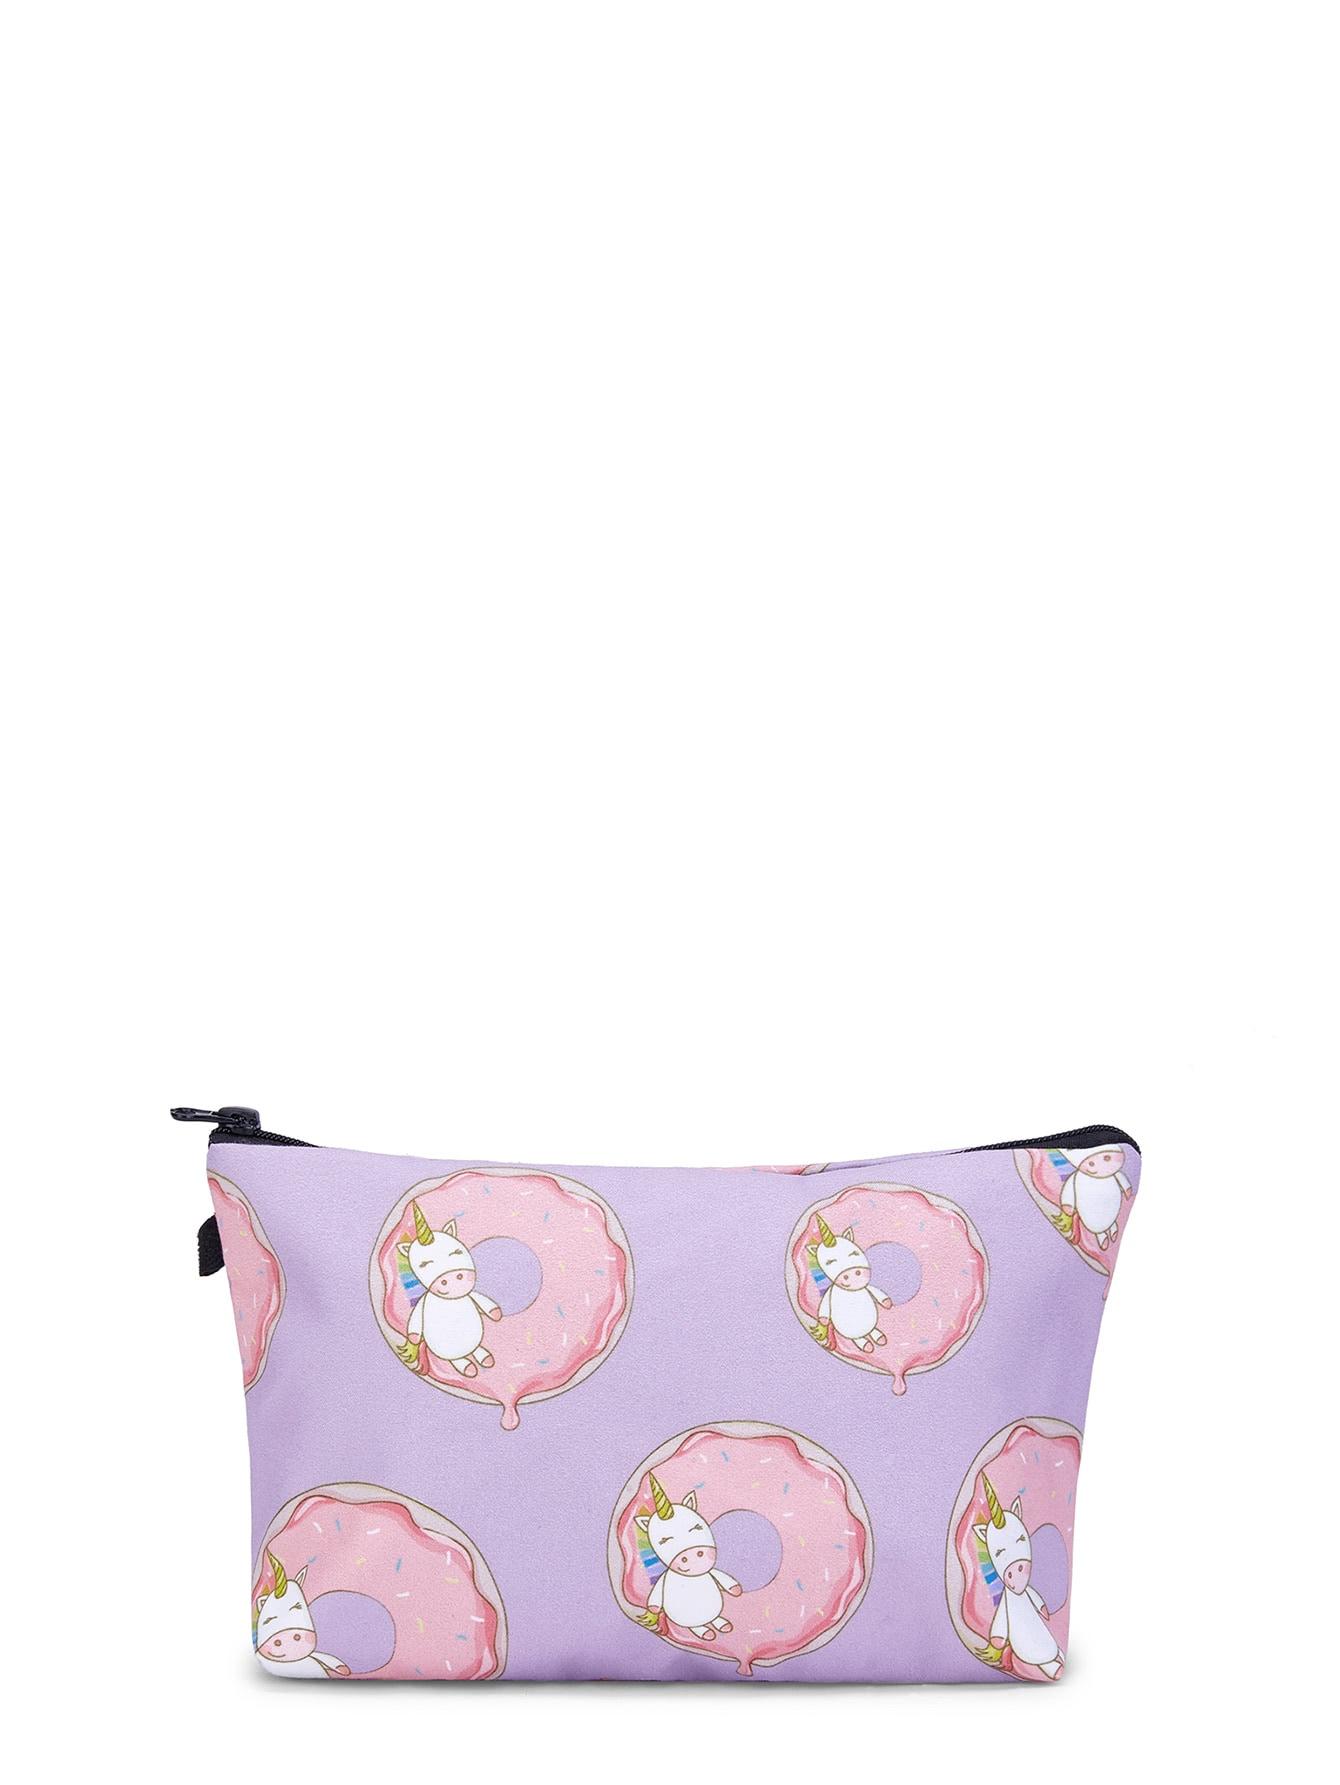 Unicorn & Doughnut Print Makeup Bag